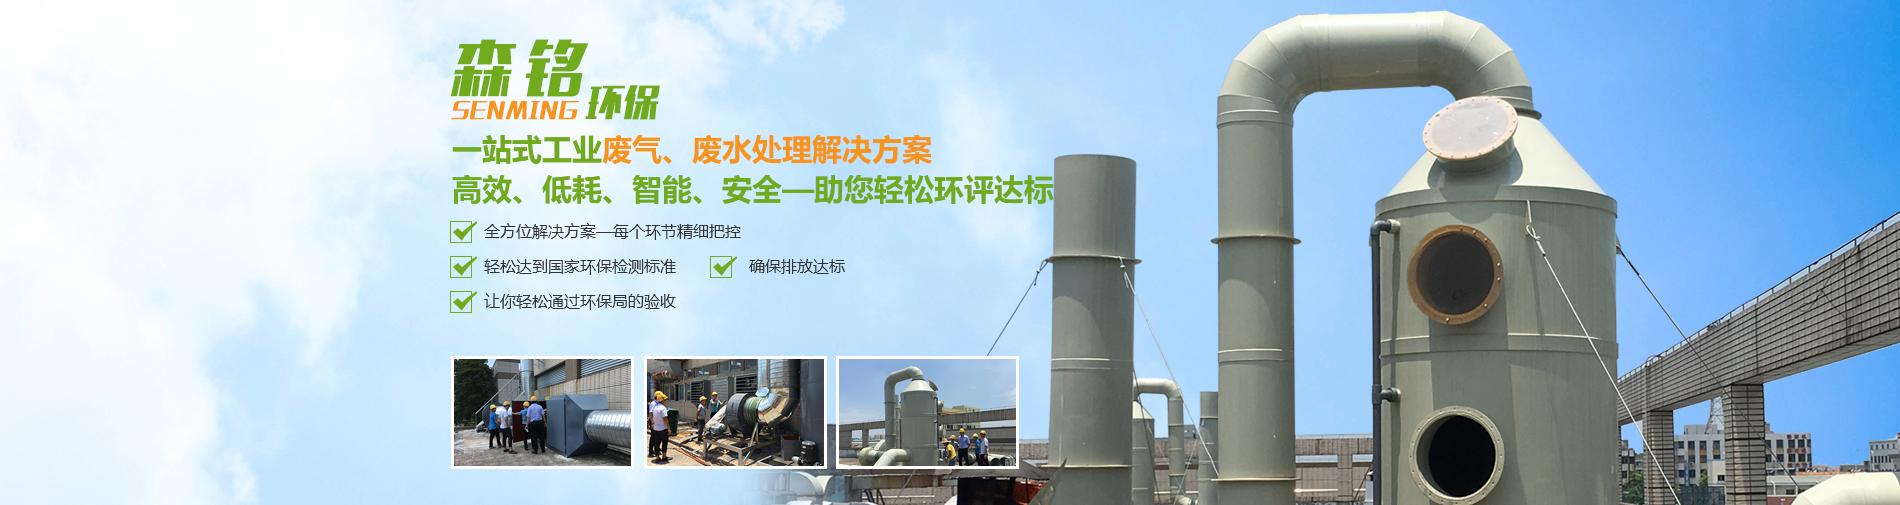 森铭环保废气处理一站式解决方案